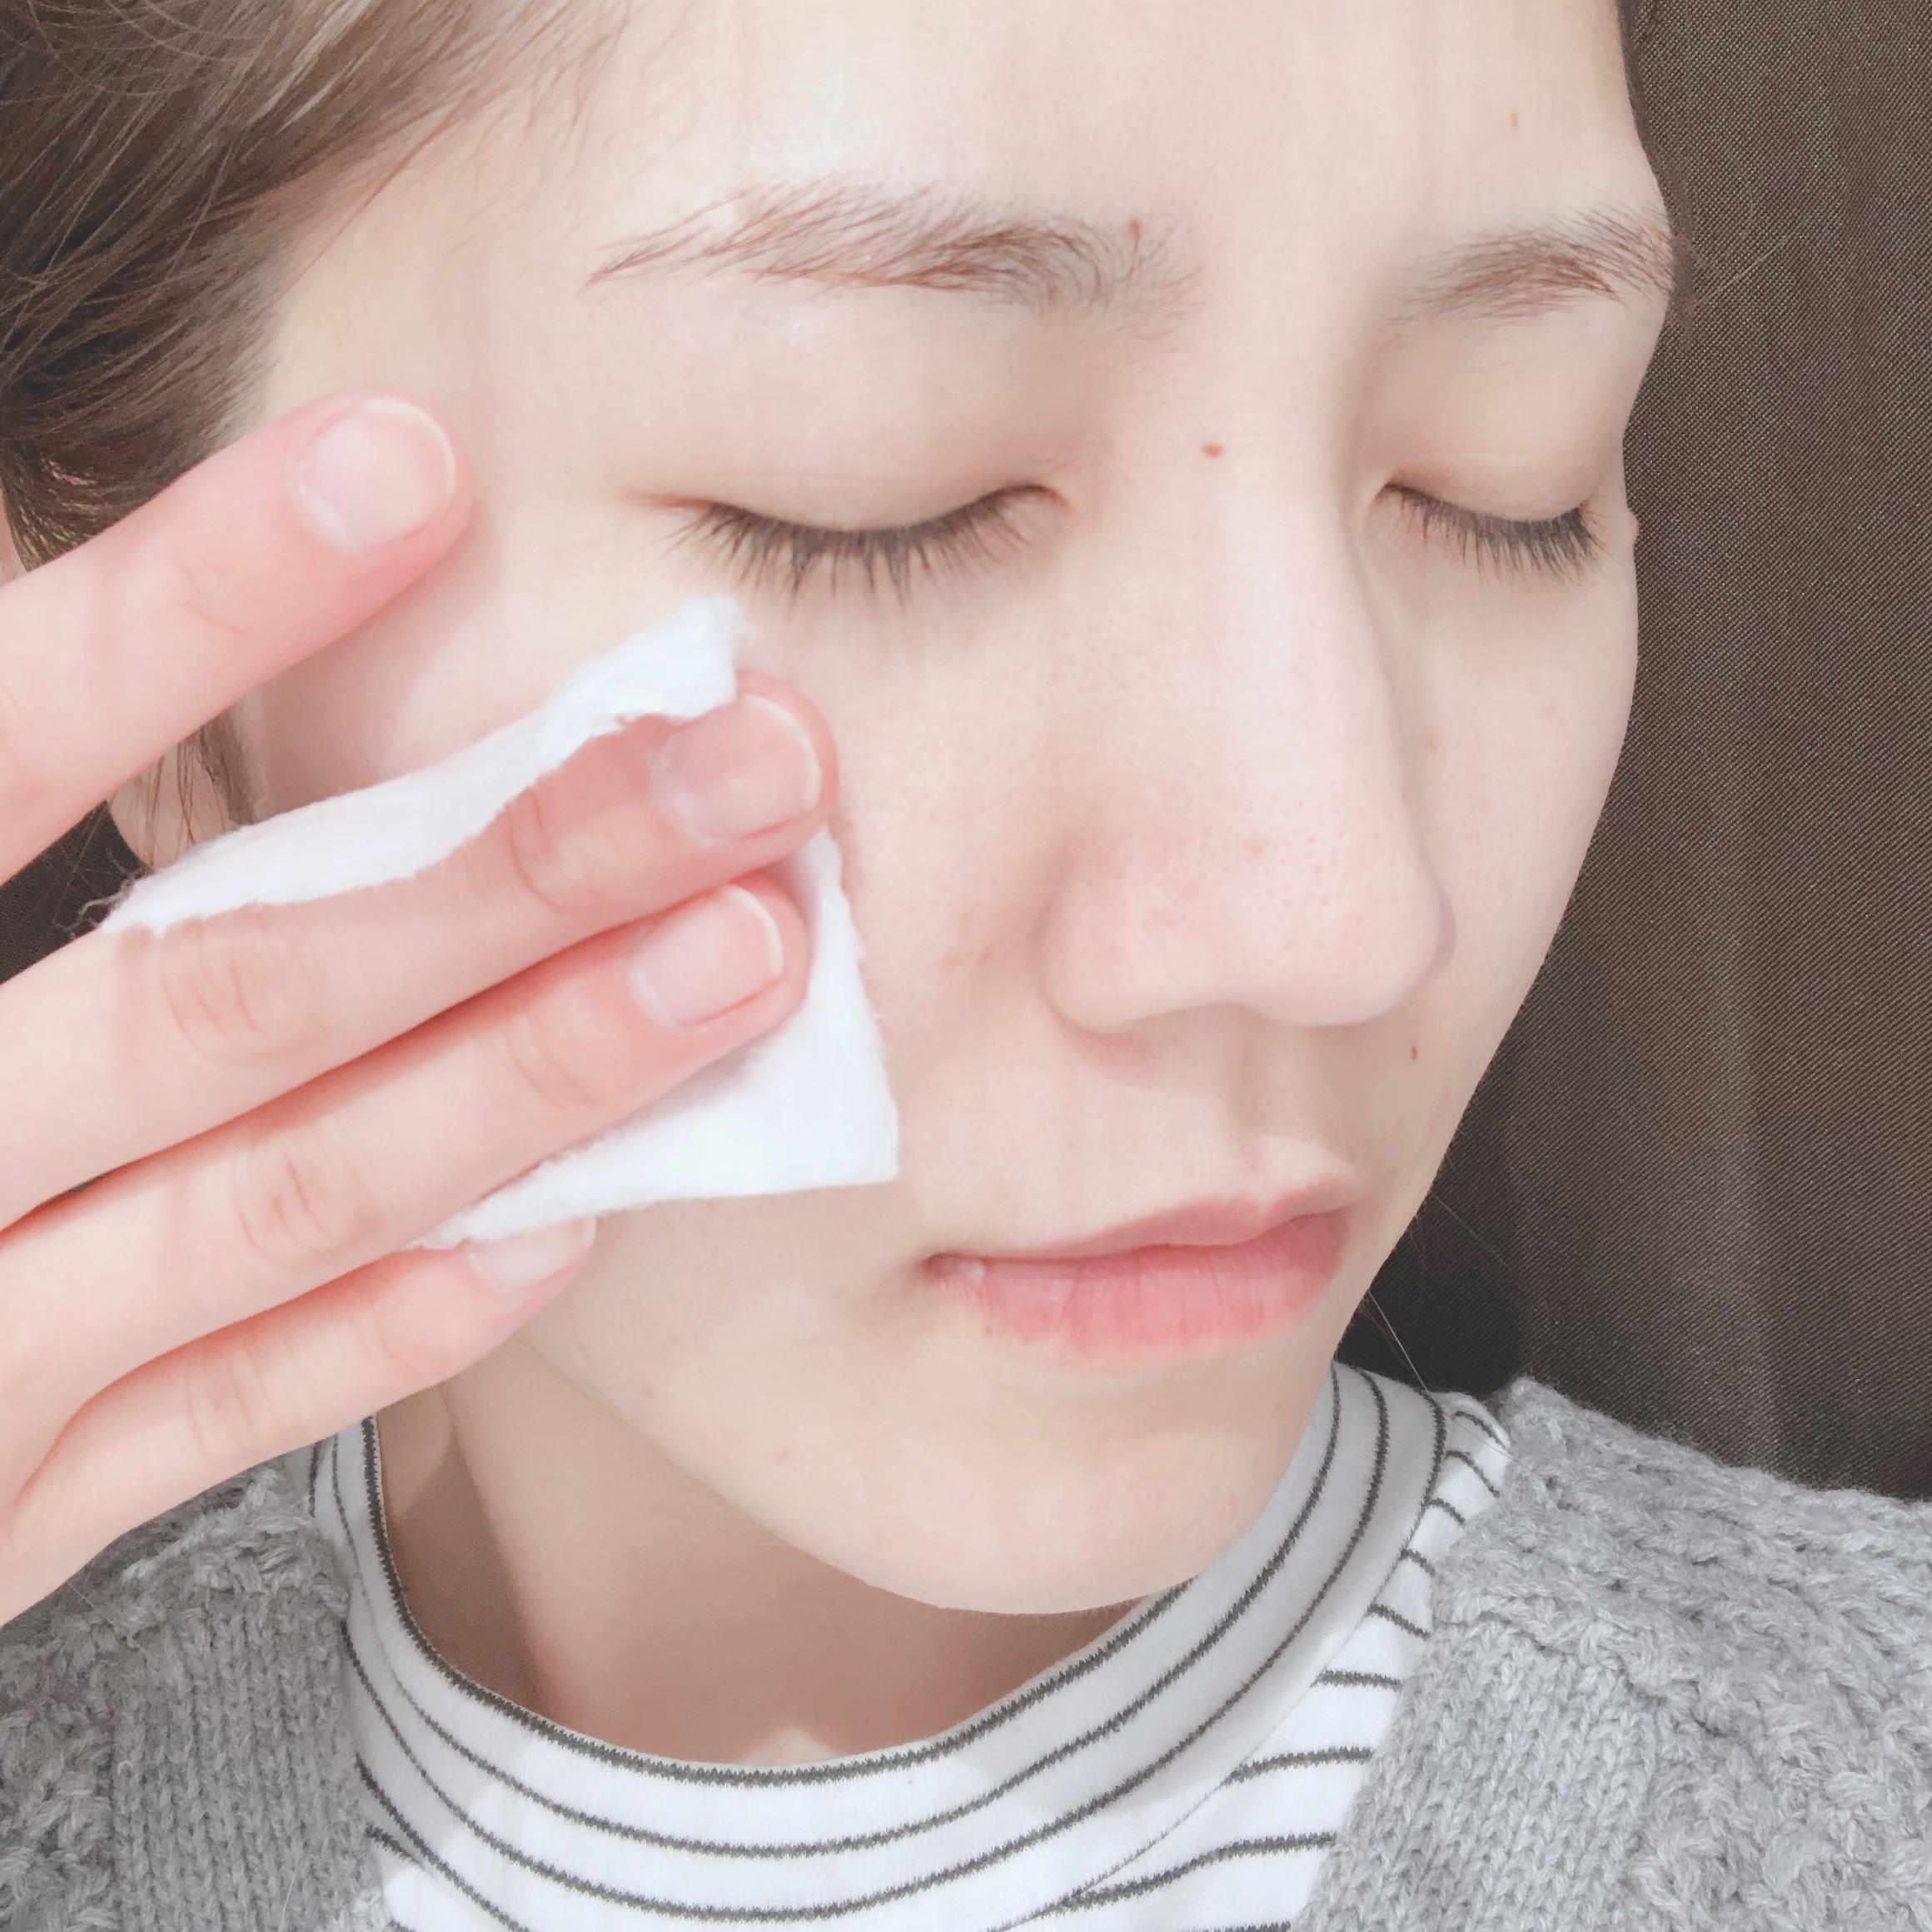 プチプラ化粧水特集 - 乾燥、ニキビ、美白などにおすすめの高コスパな化粧水まとめ_20